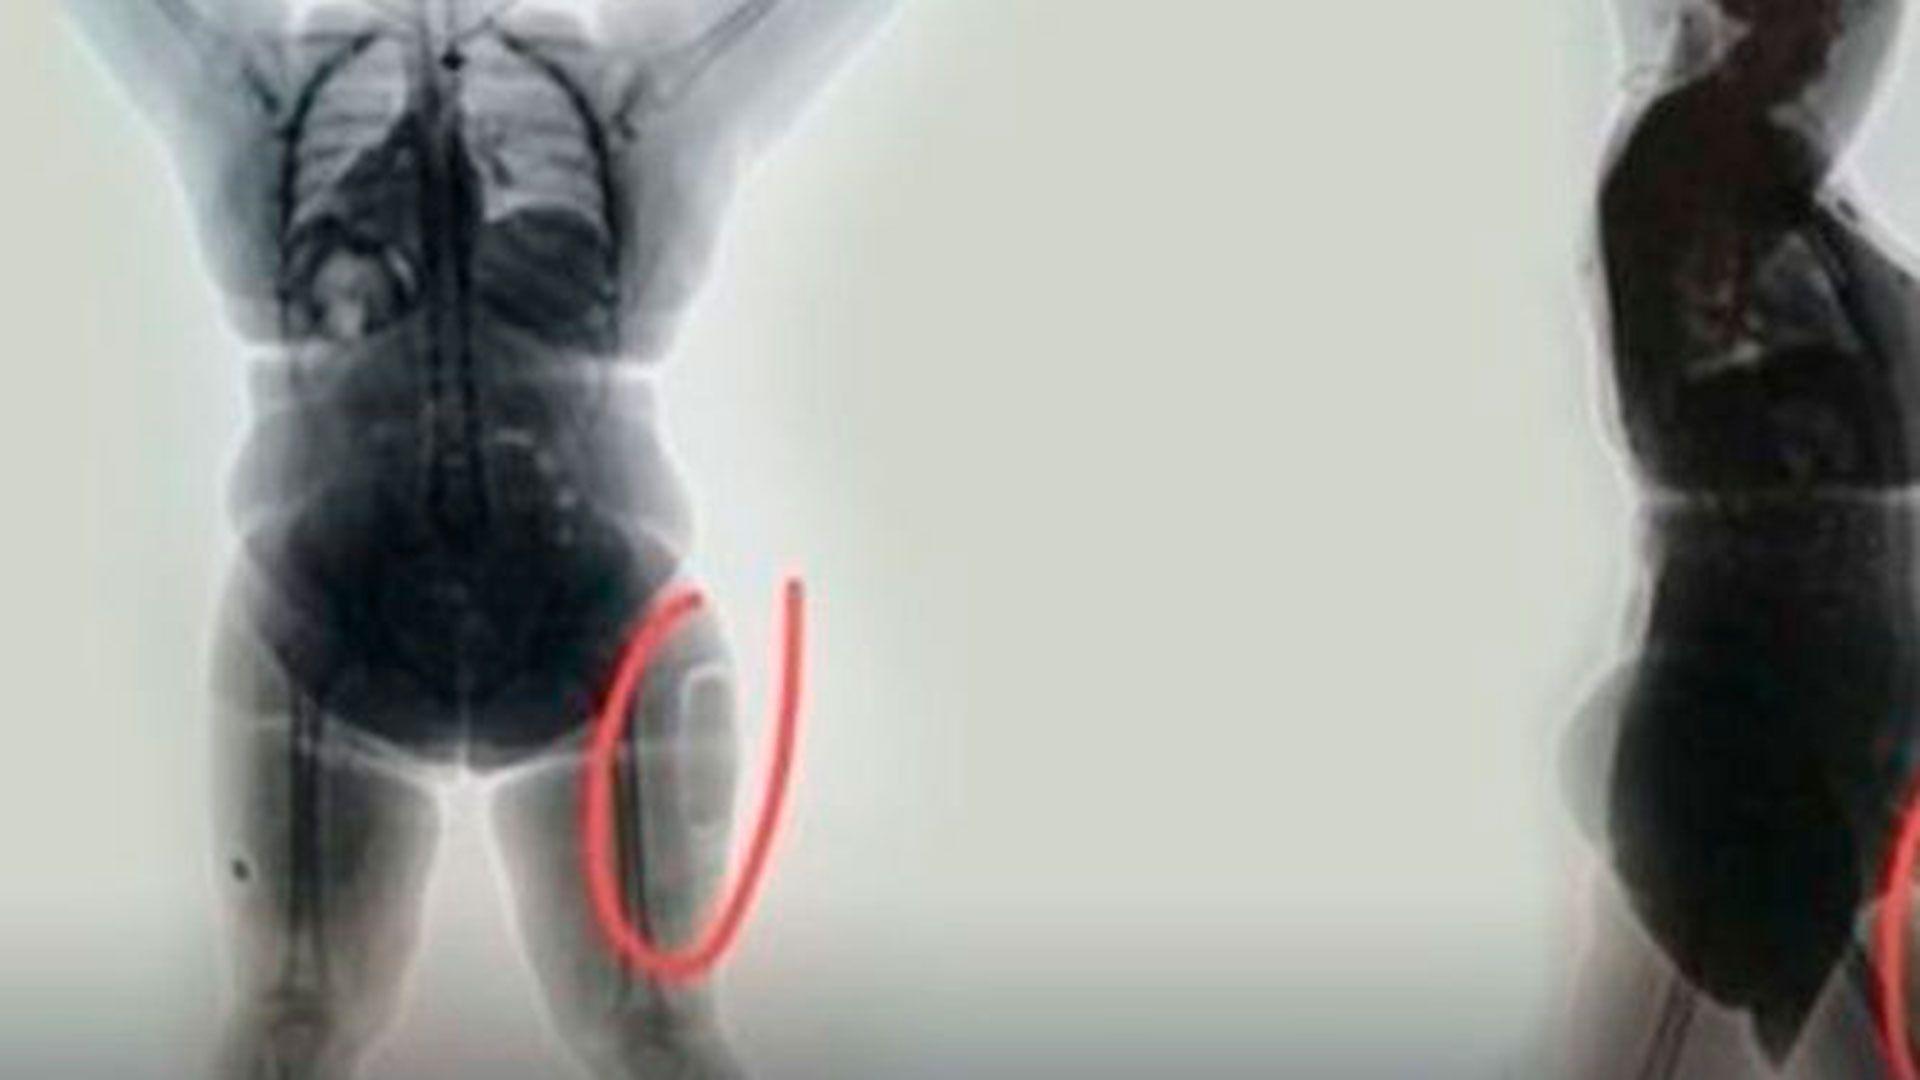 Las autoridades le realizaron un escaneo al cuerpo de la mujer que transportaba cocaína en sus muslos